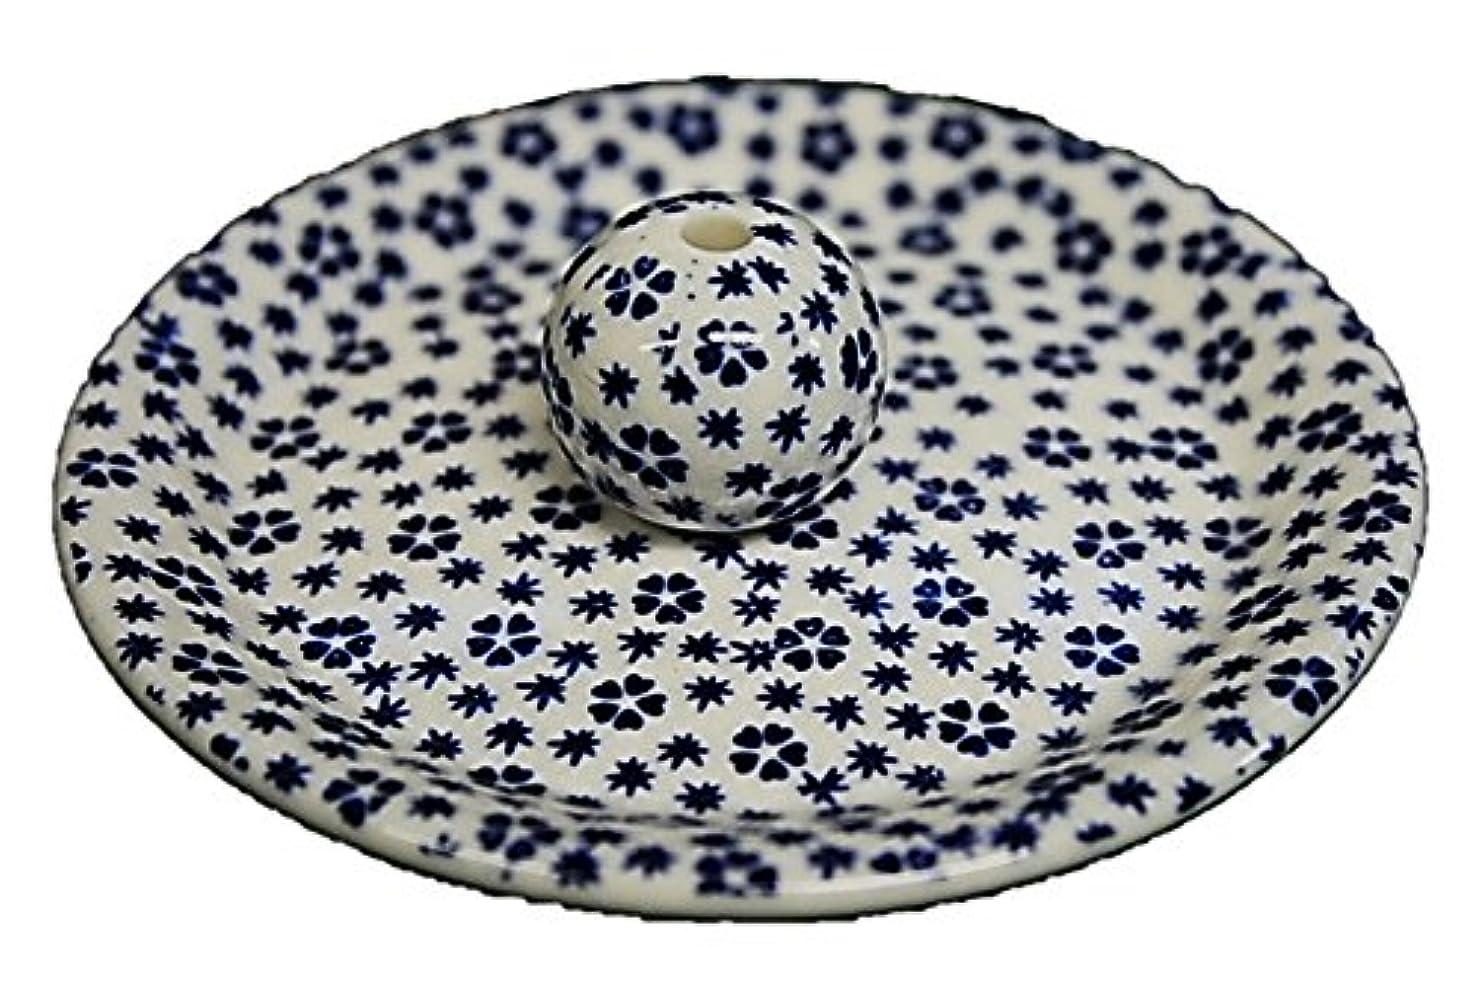 協同正当化する急流9-39 桜小紋 青 9cm香皿 お香立て お香たて 陶器 日本製 製造?直売品